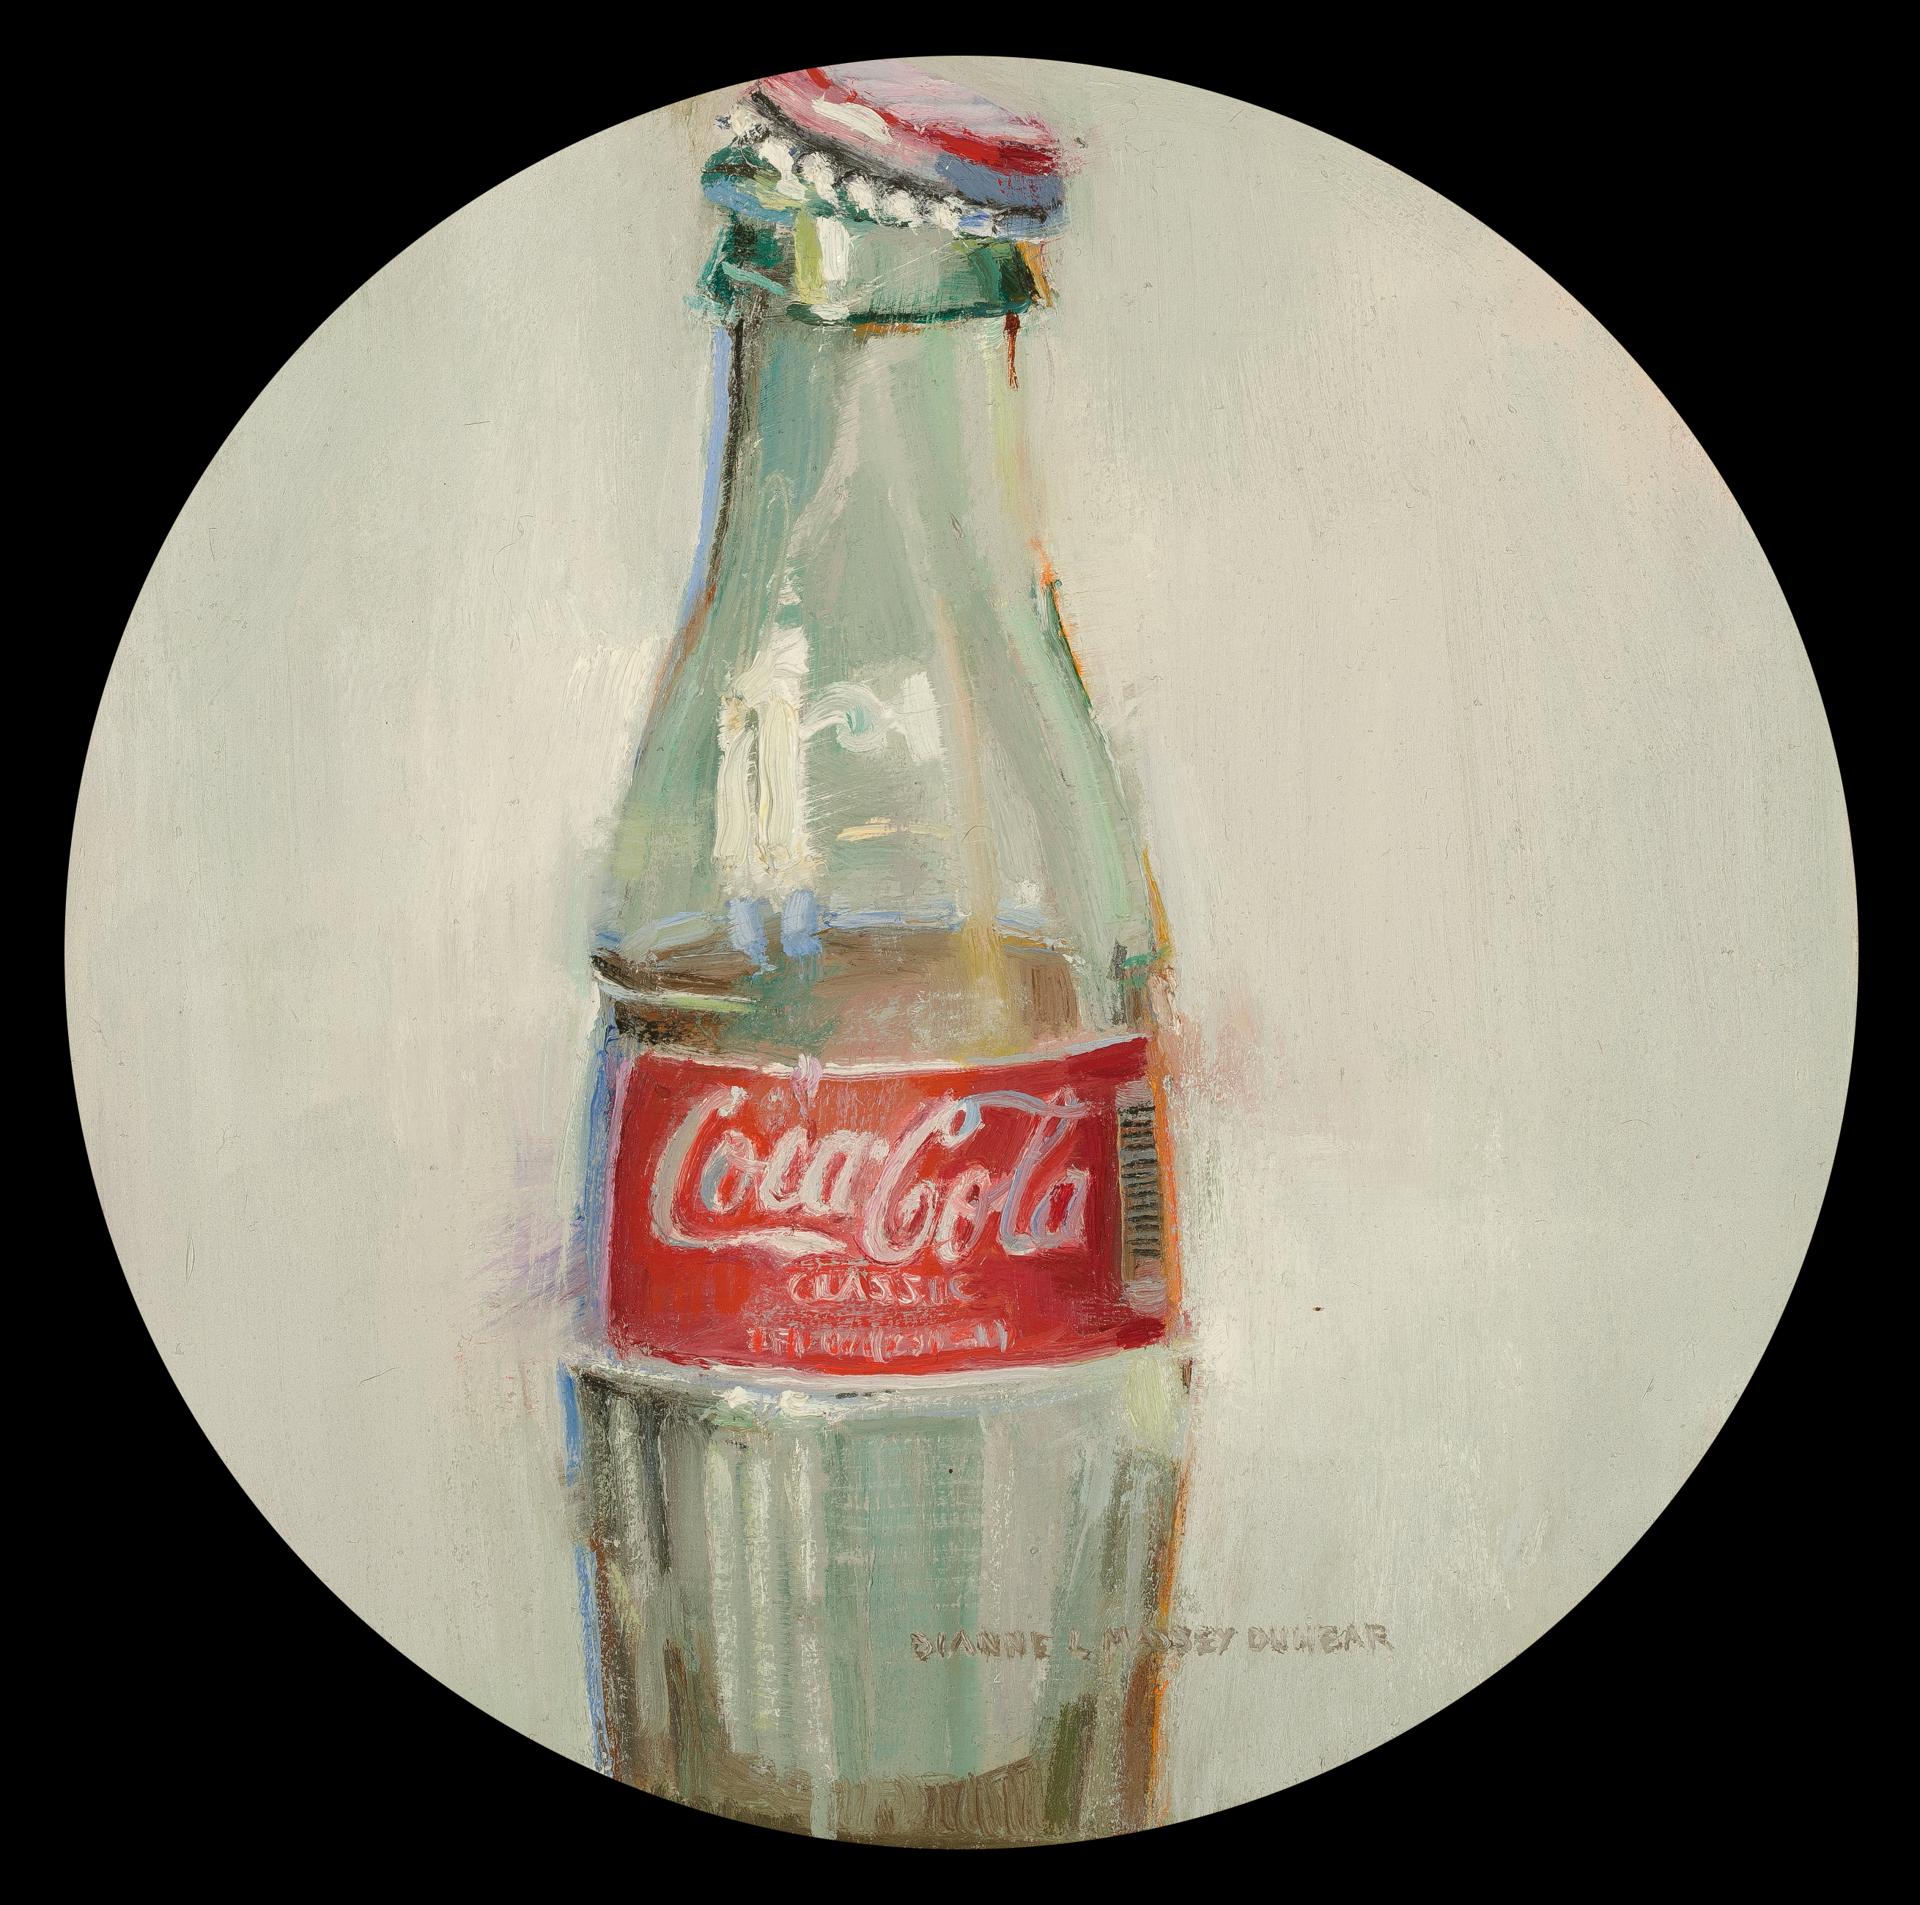 Coke Bottle by Dianne L Massey Dunbar